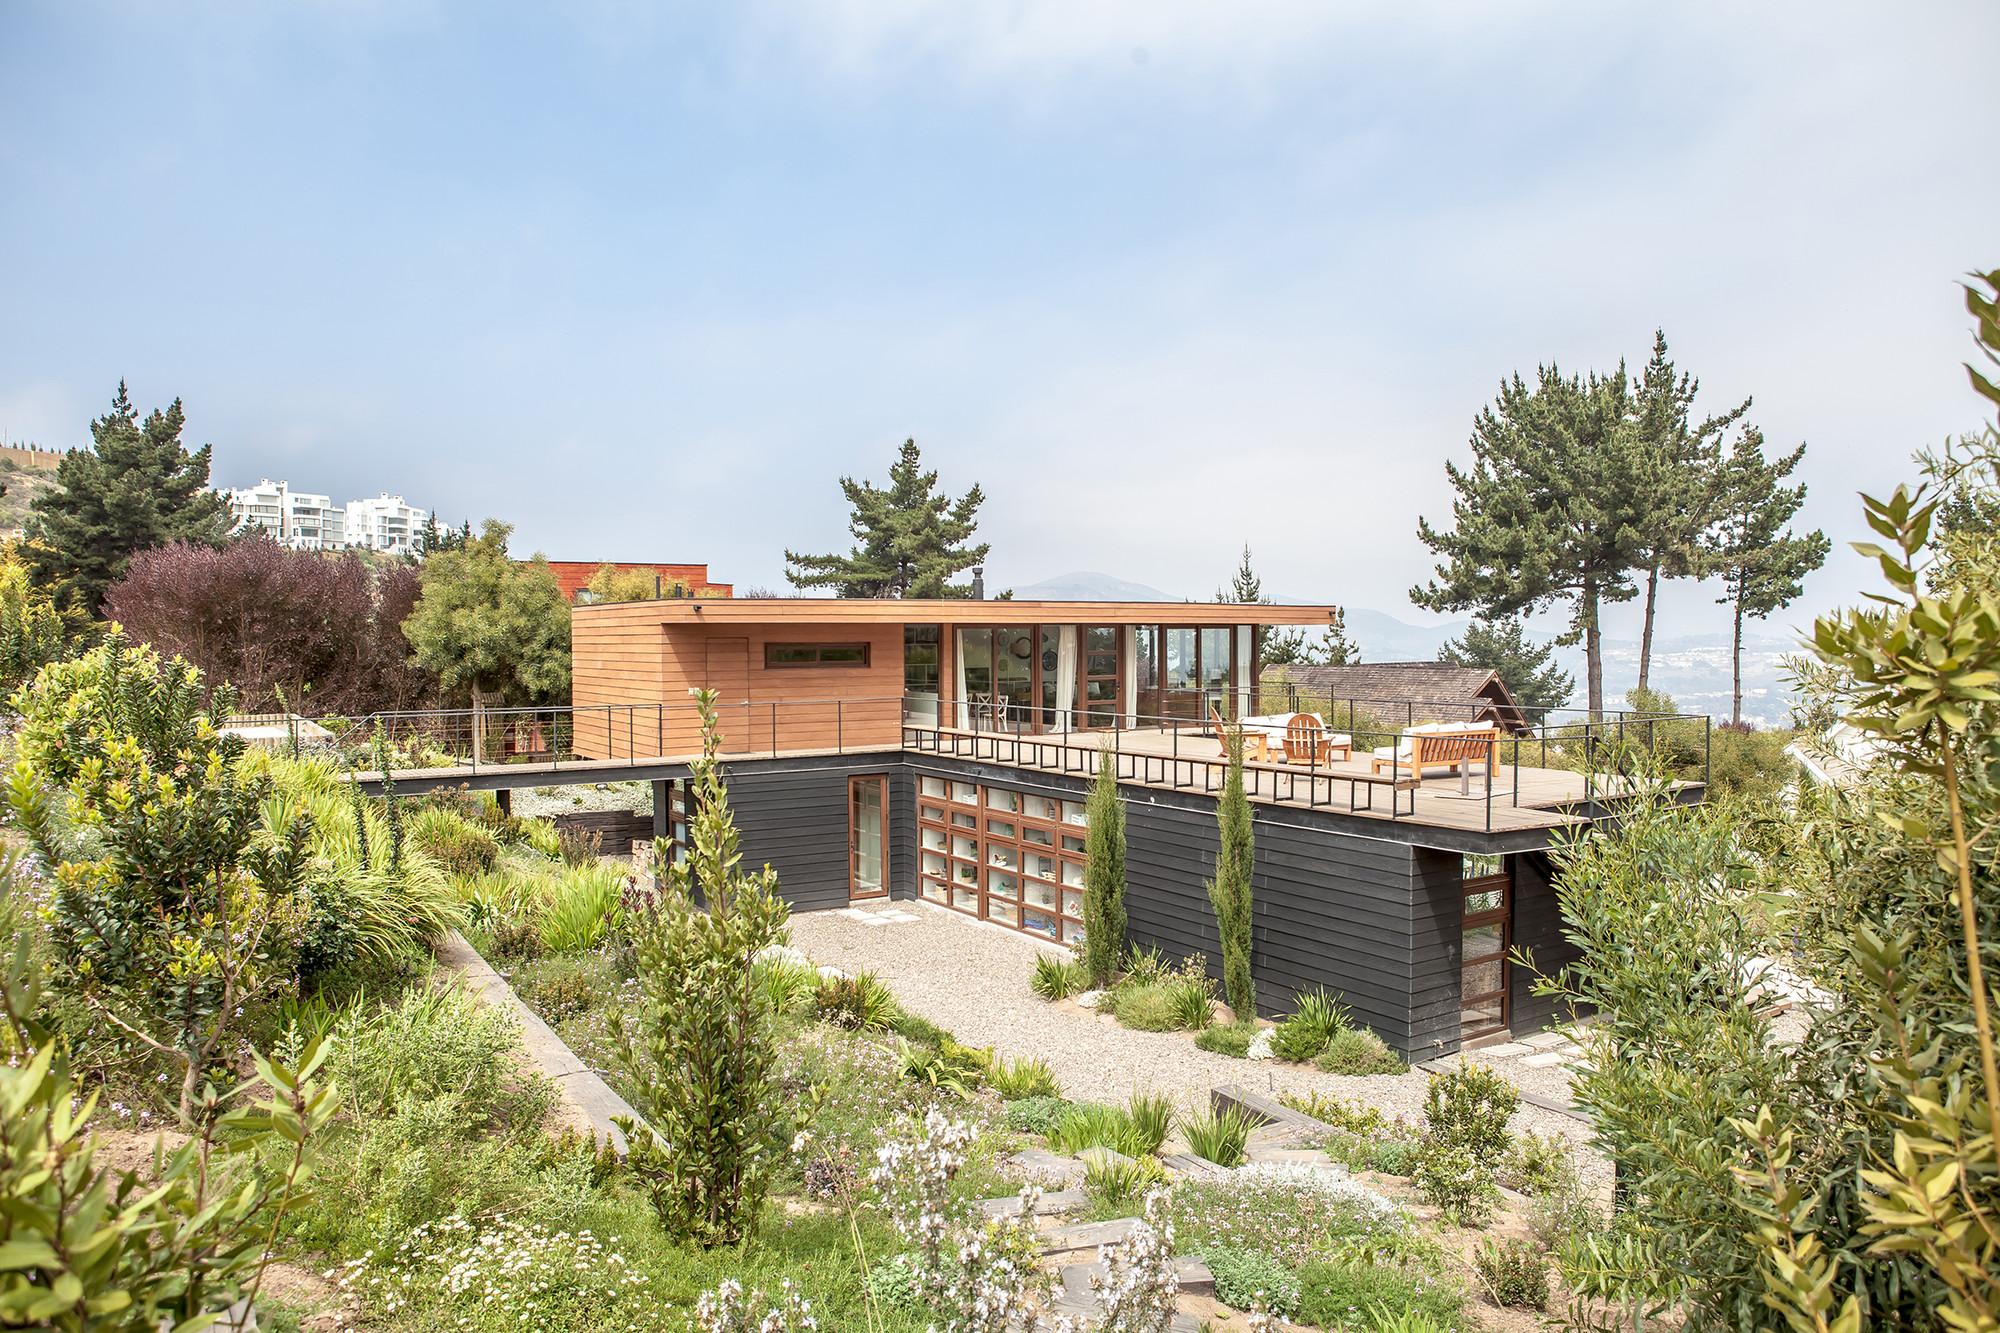 Tavonatti House / PAR Arquitectos, © Diego Elgueta